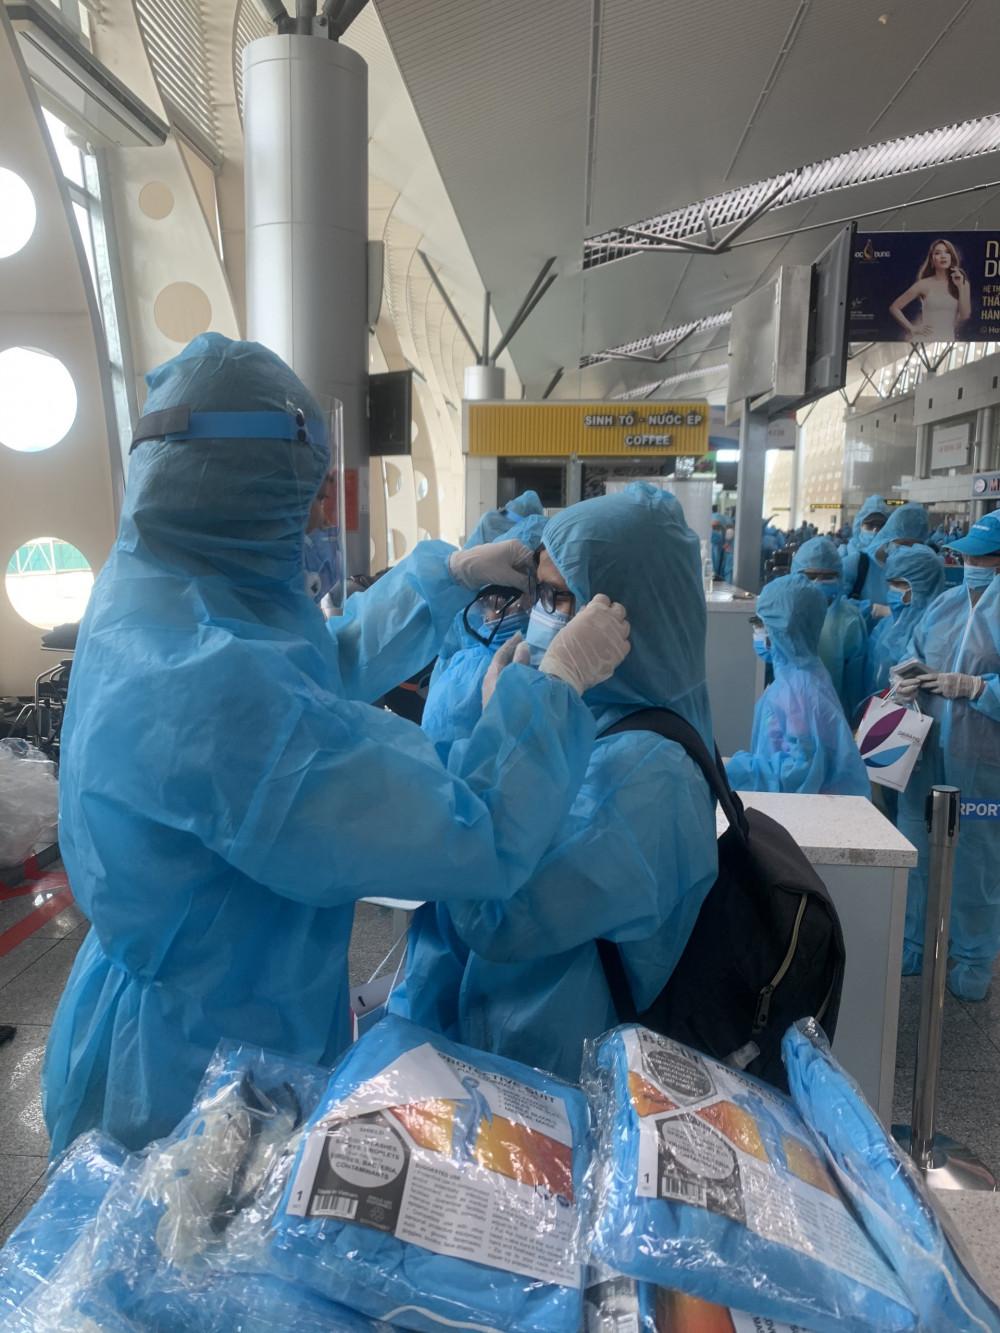 Hành khách được mặc đồ bảo hộ kín mít để tránh lây nhiễm virus SARS-CoV-2 nếu có.